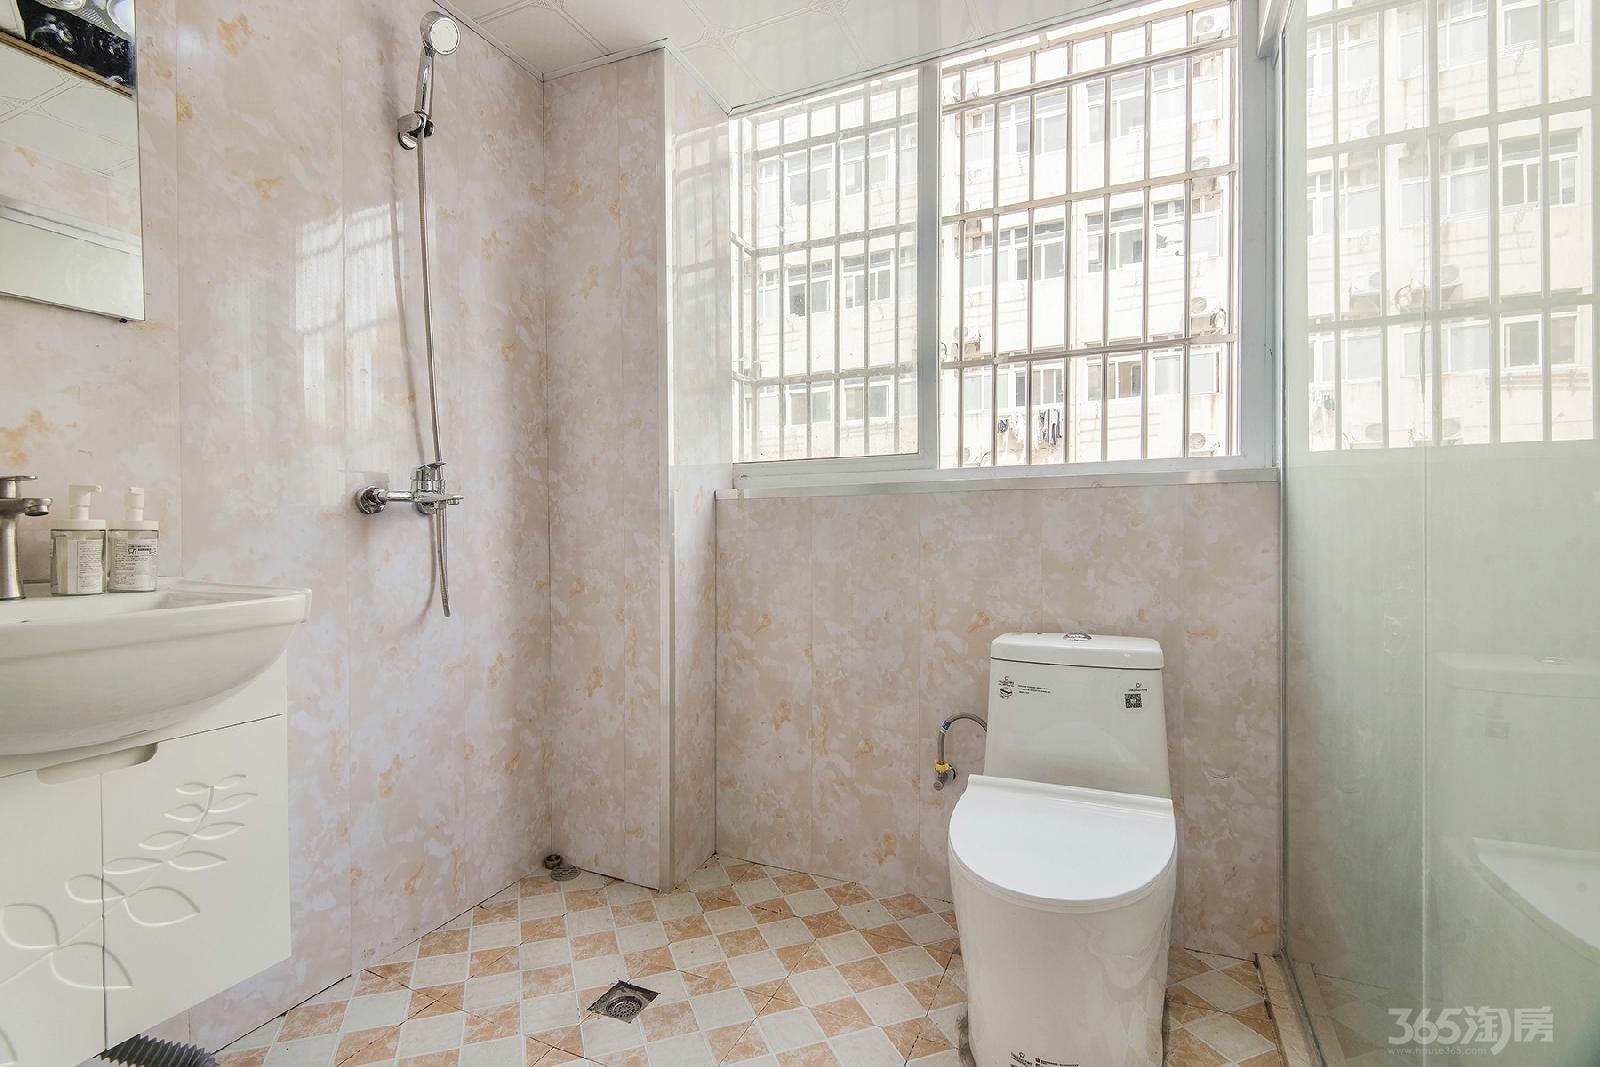 金益四村1室1厅1卫30平米整租精装